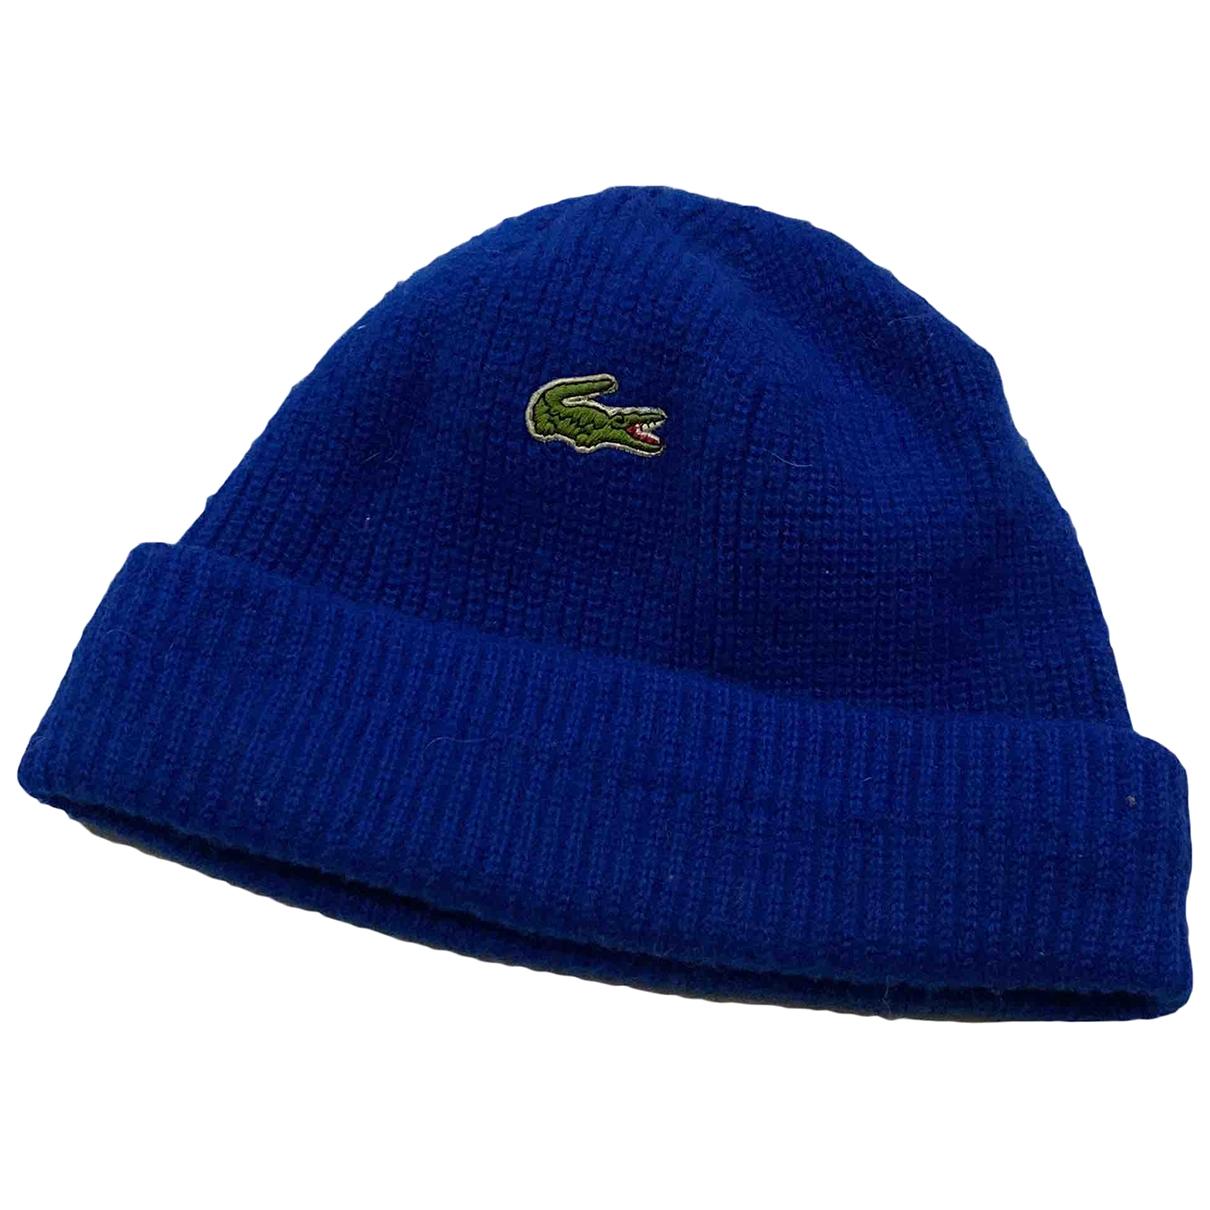 Lacoste - Chapeau & Bonnets   pour homme - bleu